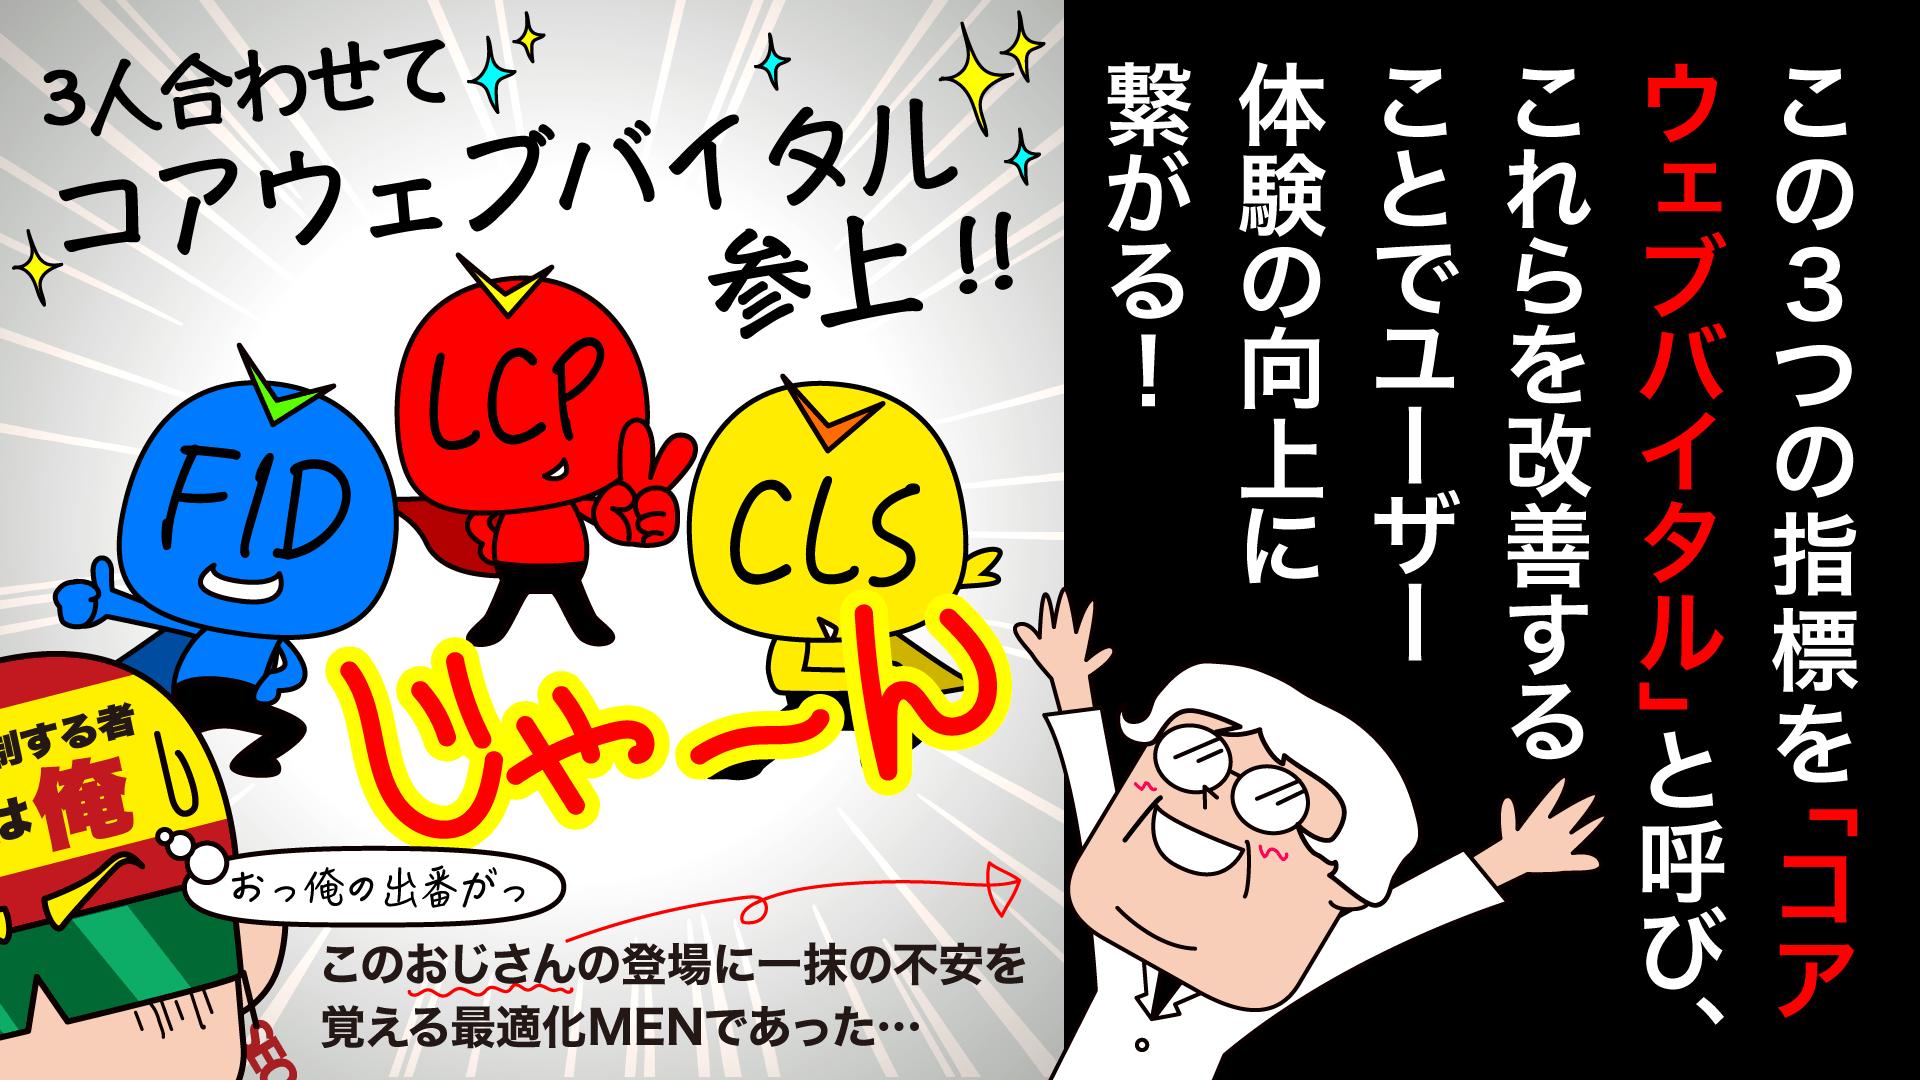 コアウェブバイタル⑥‐漫画SEO用語集⑧